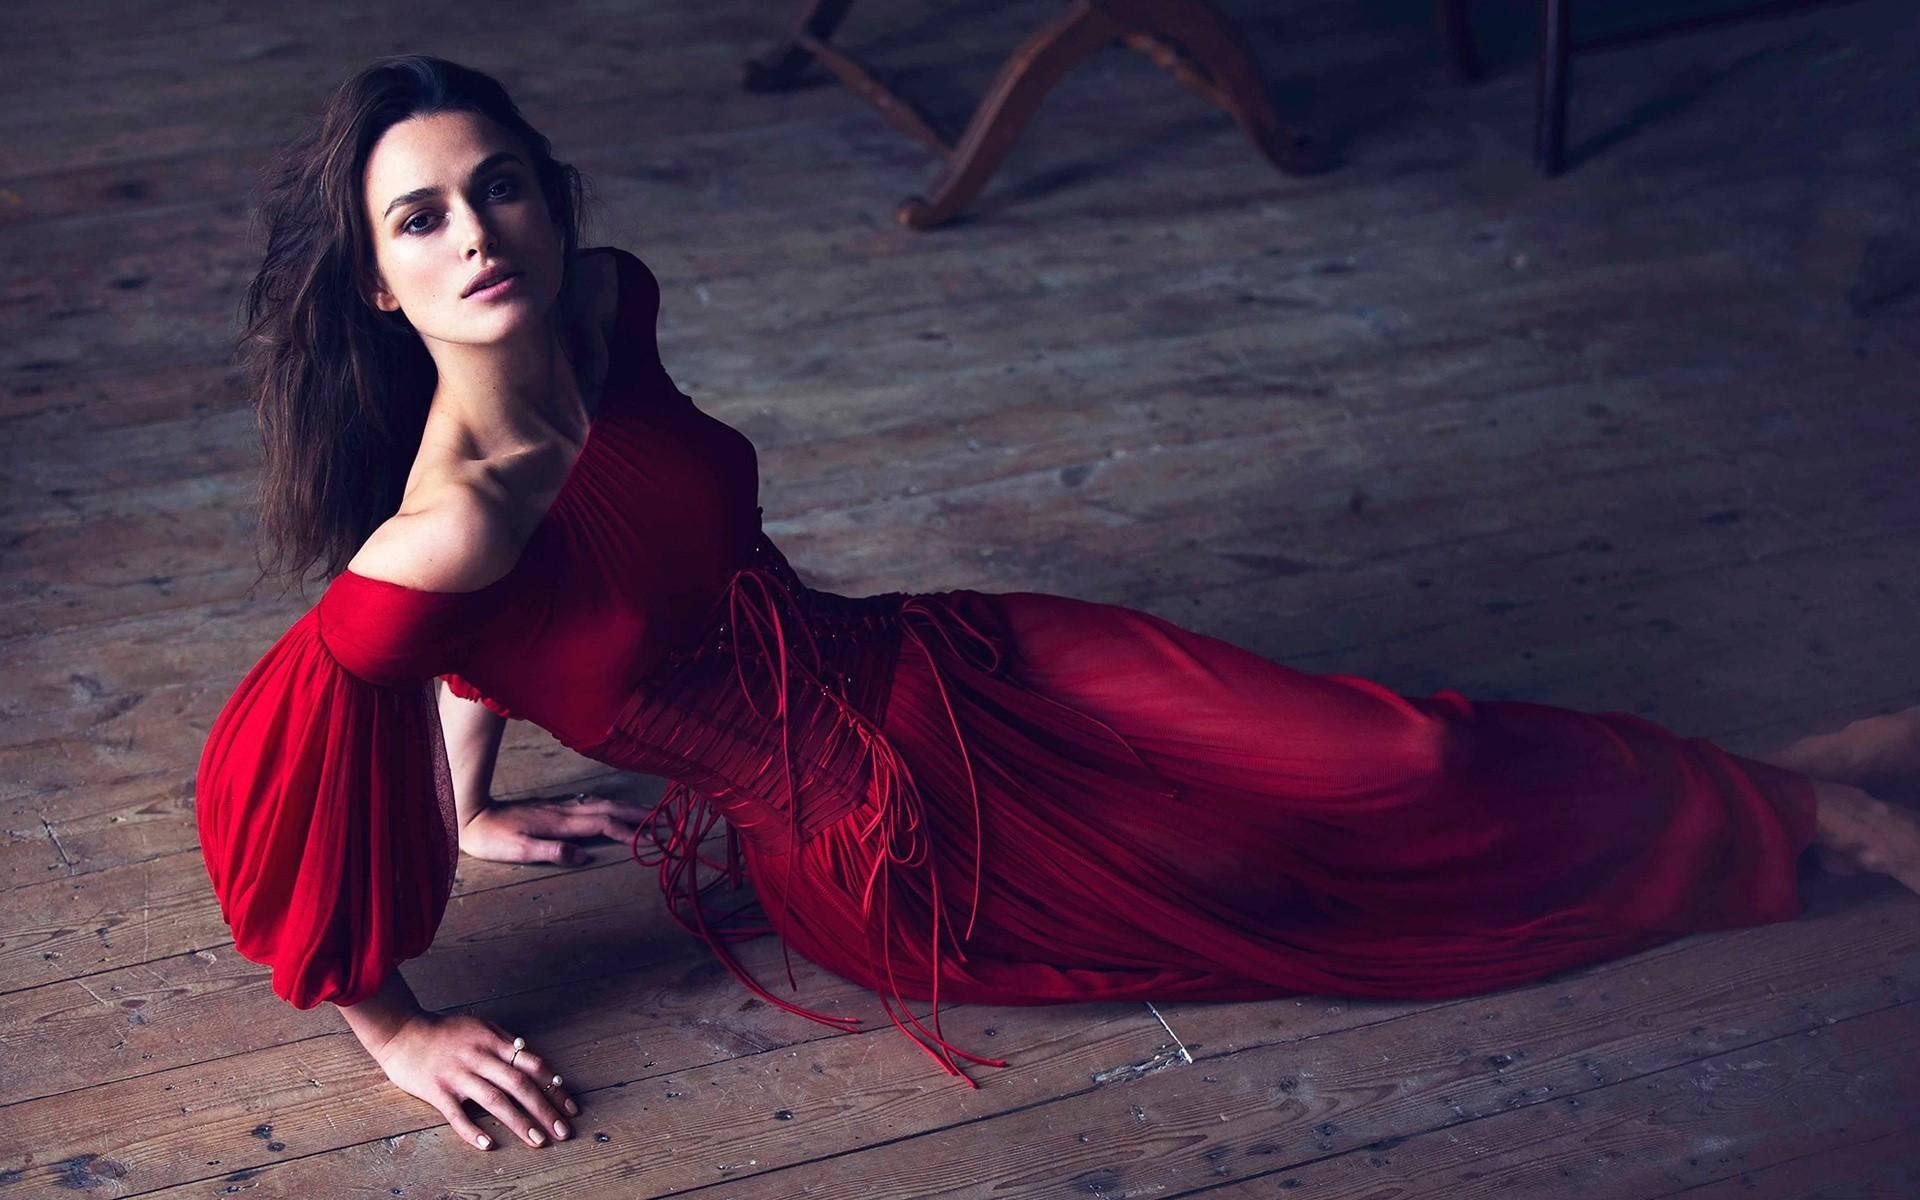 Fondos de pantalla Keira Knightley con un vestido rojo